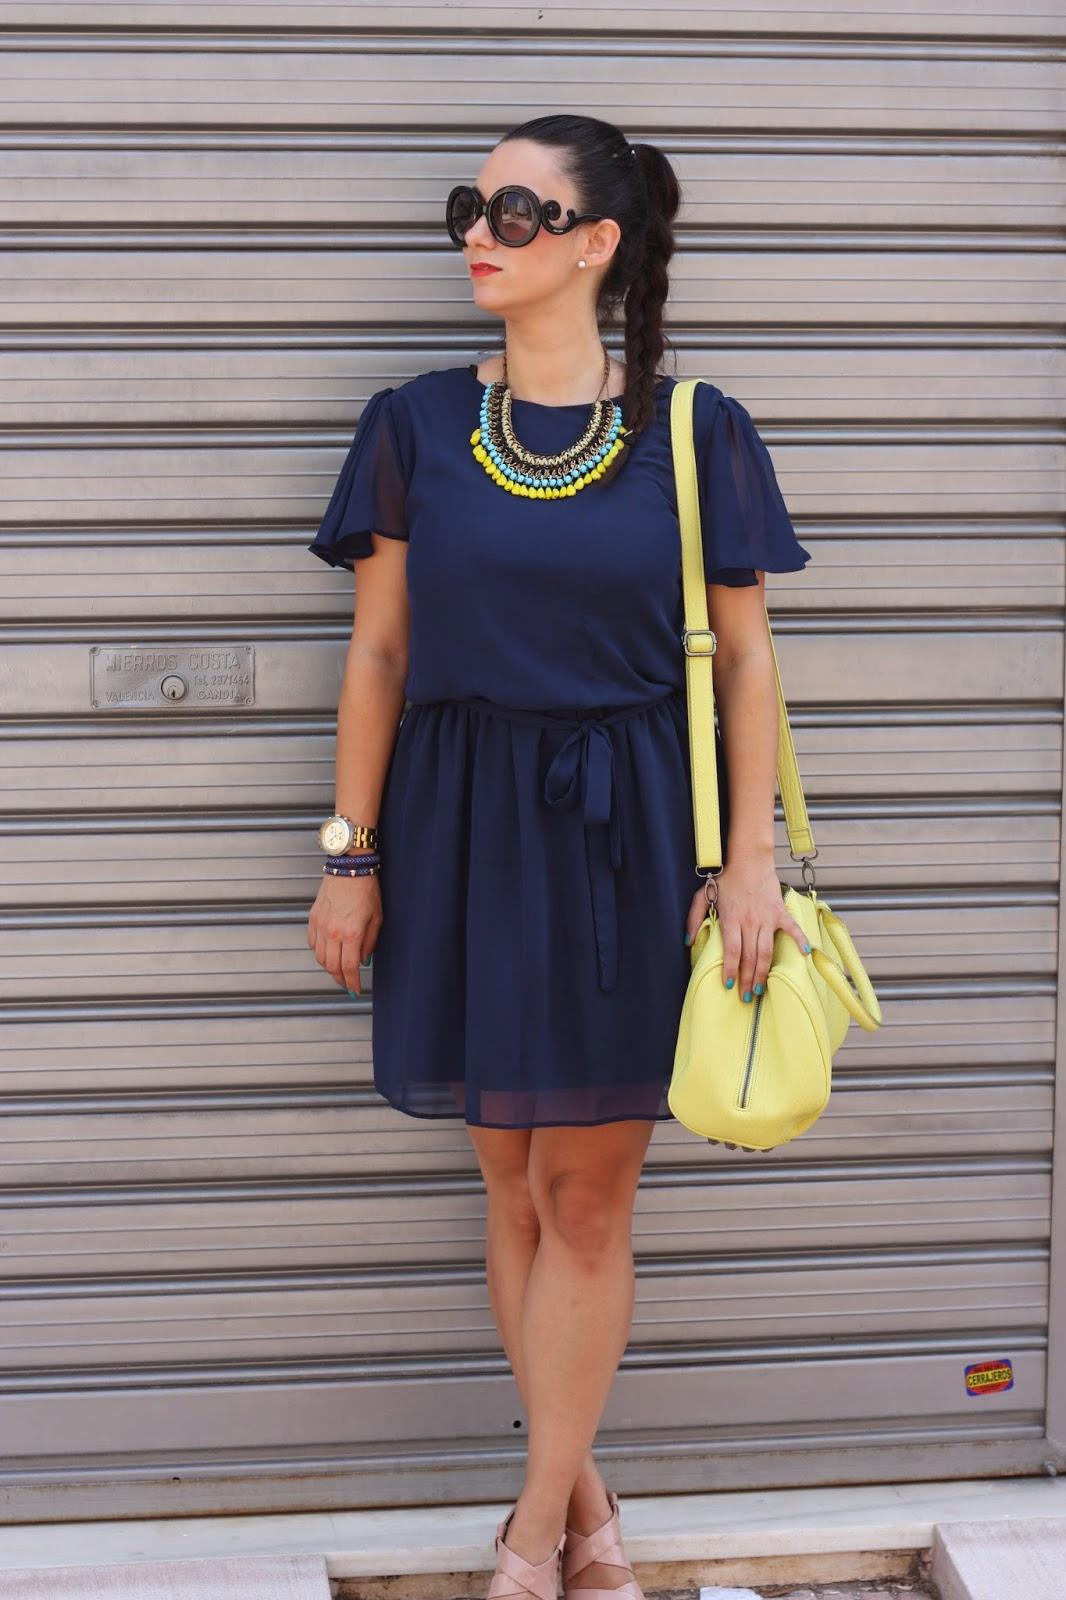 http://silviparalasamigas.blogspot.com.es/2014/06/azul-marino-fluor.html